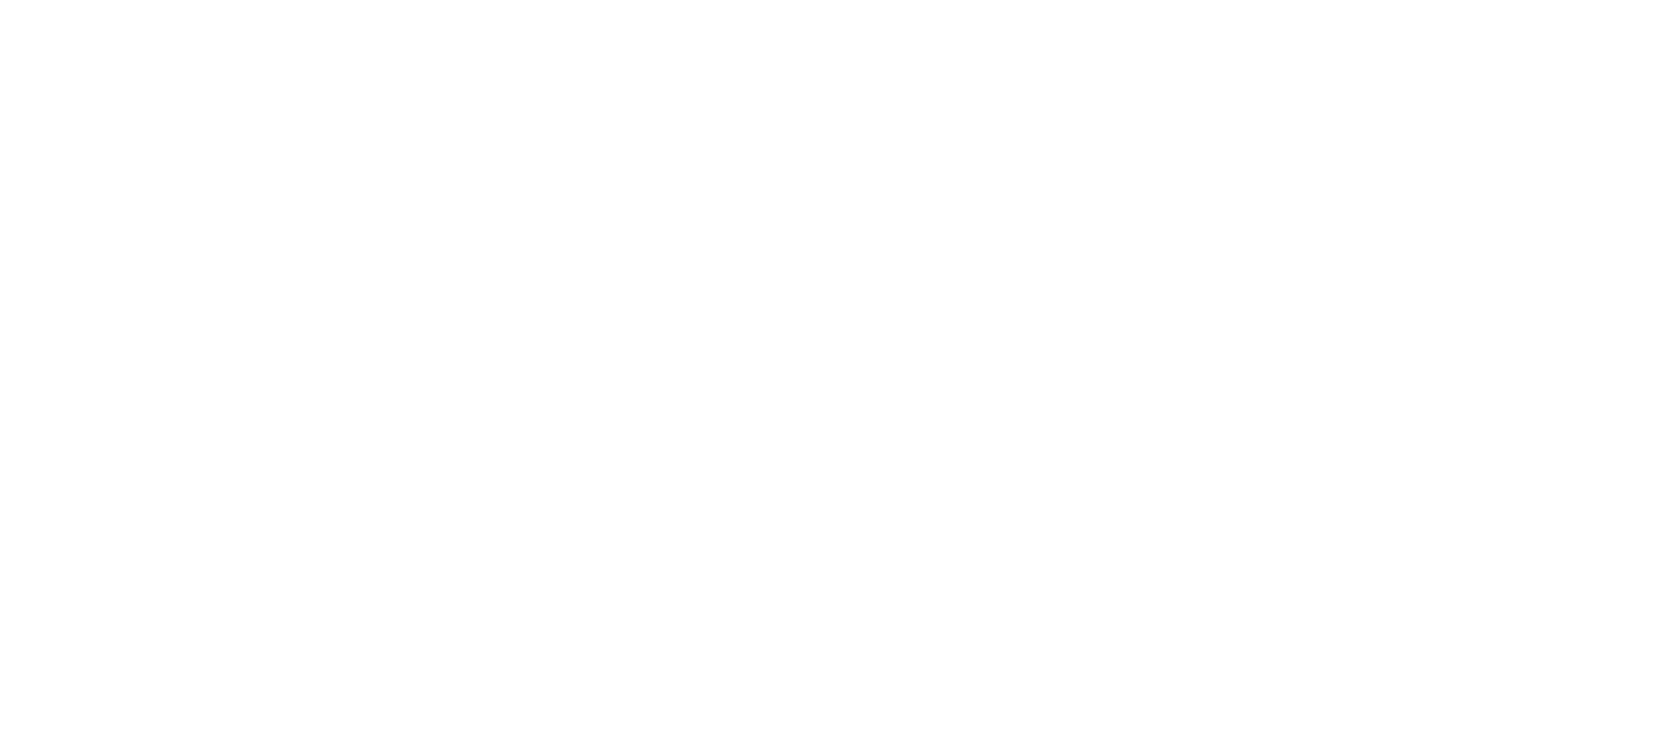 Взять в прокат Емкости Клетки Клетка «Лючия 2»; Нижний Новгород ,  ул.; Описание: Форма: Параллелепипед Высота: 33 см Ширина: 14 см Глубина: 22 см